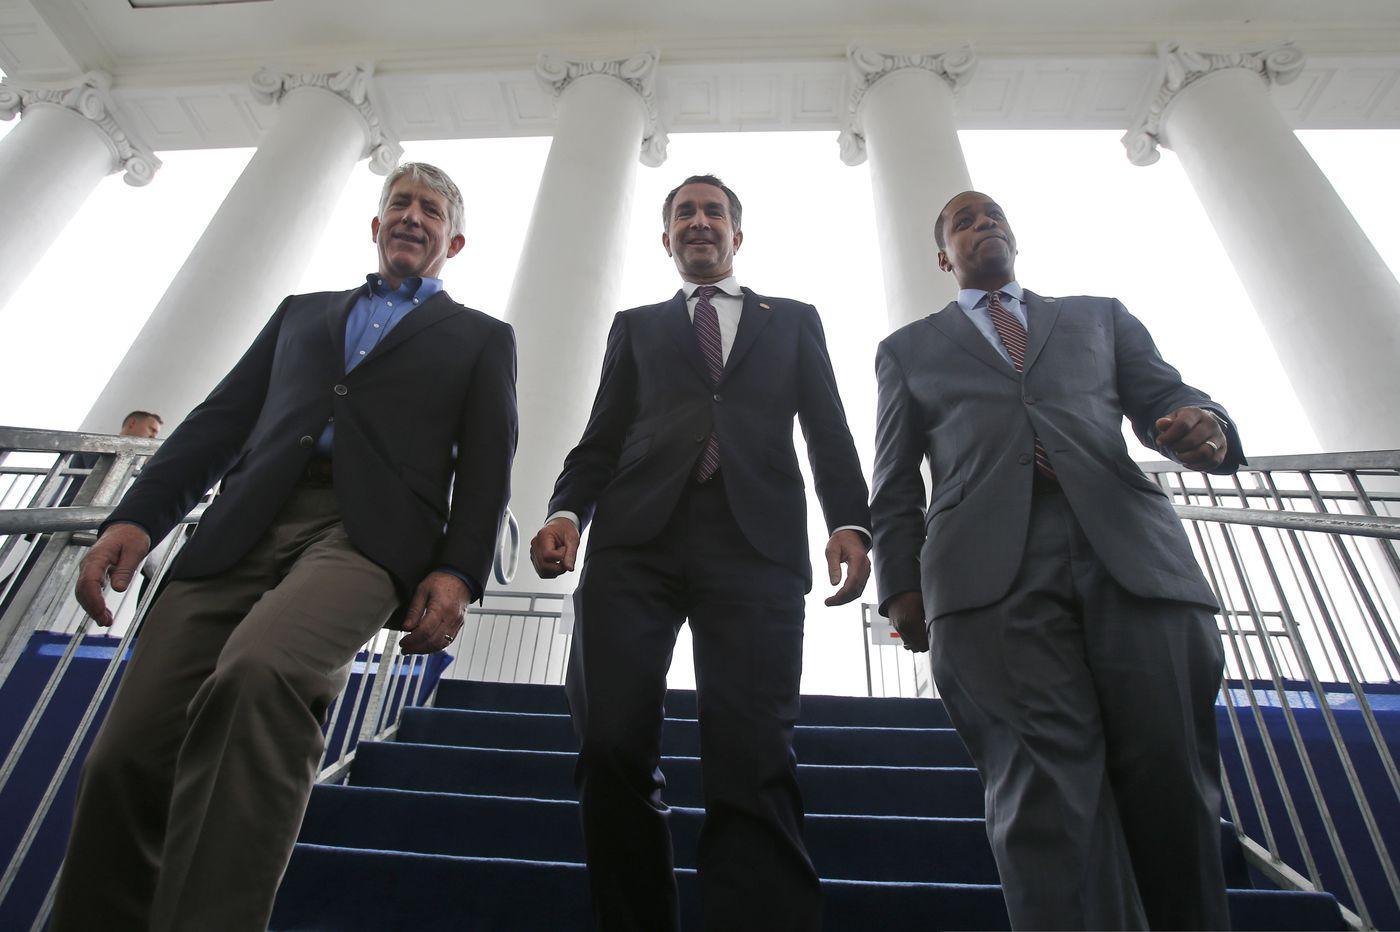 Crisis escalates in Virginia; top 3 Democrats under fire